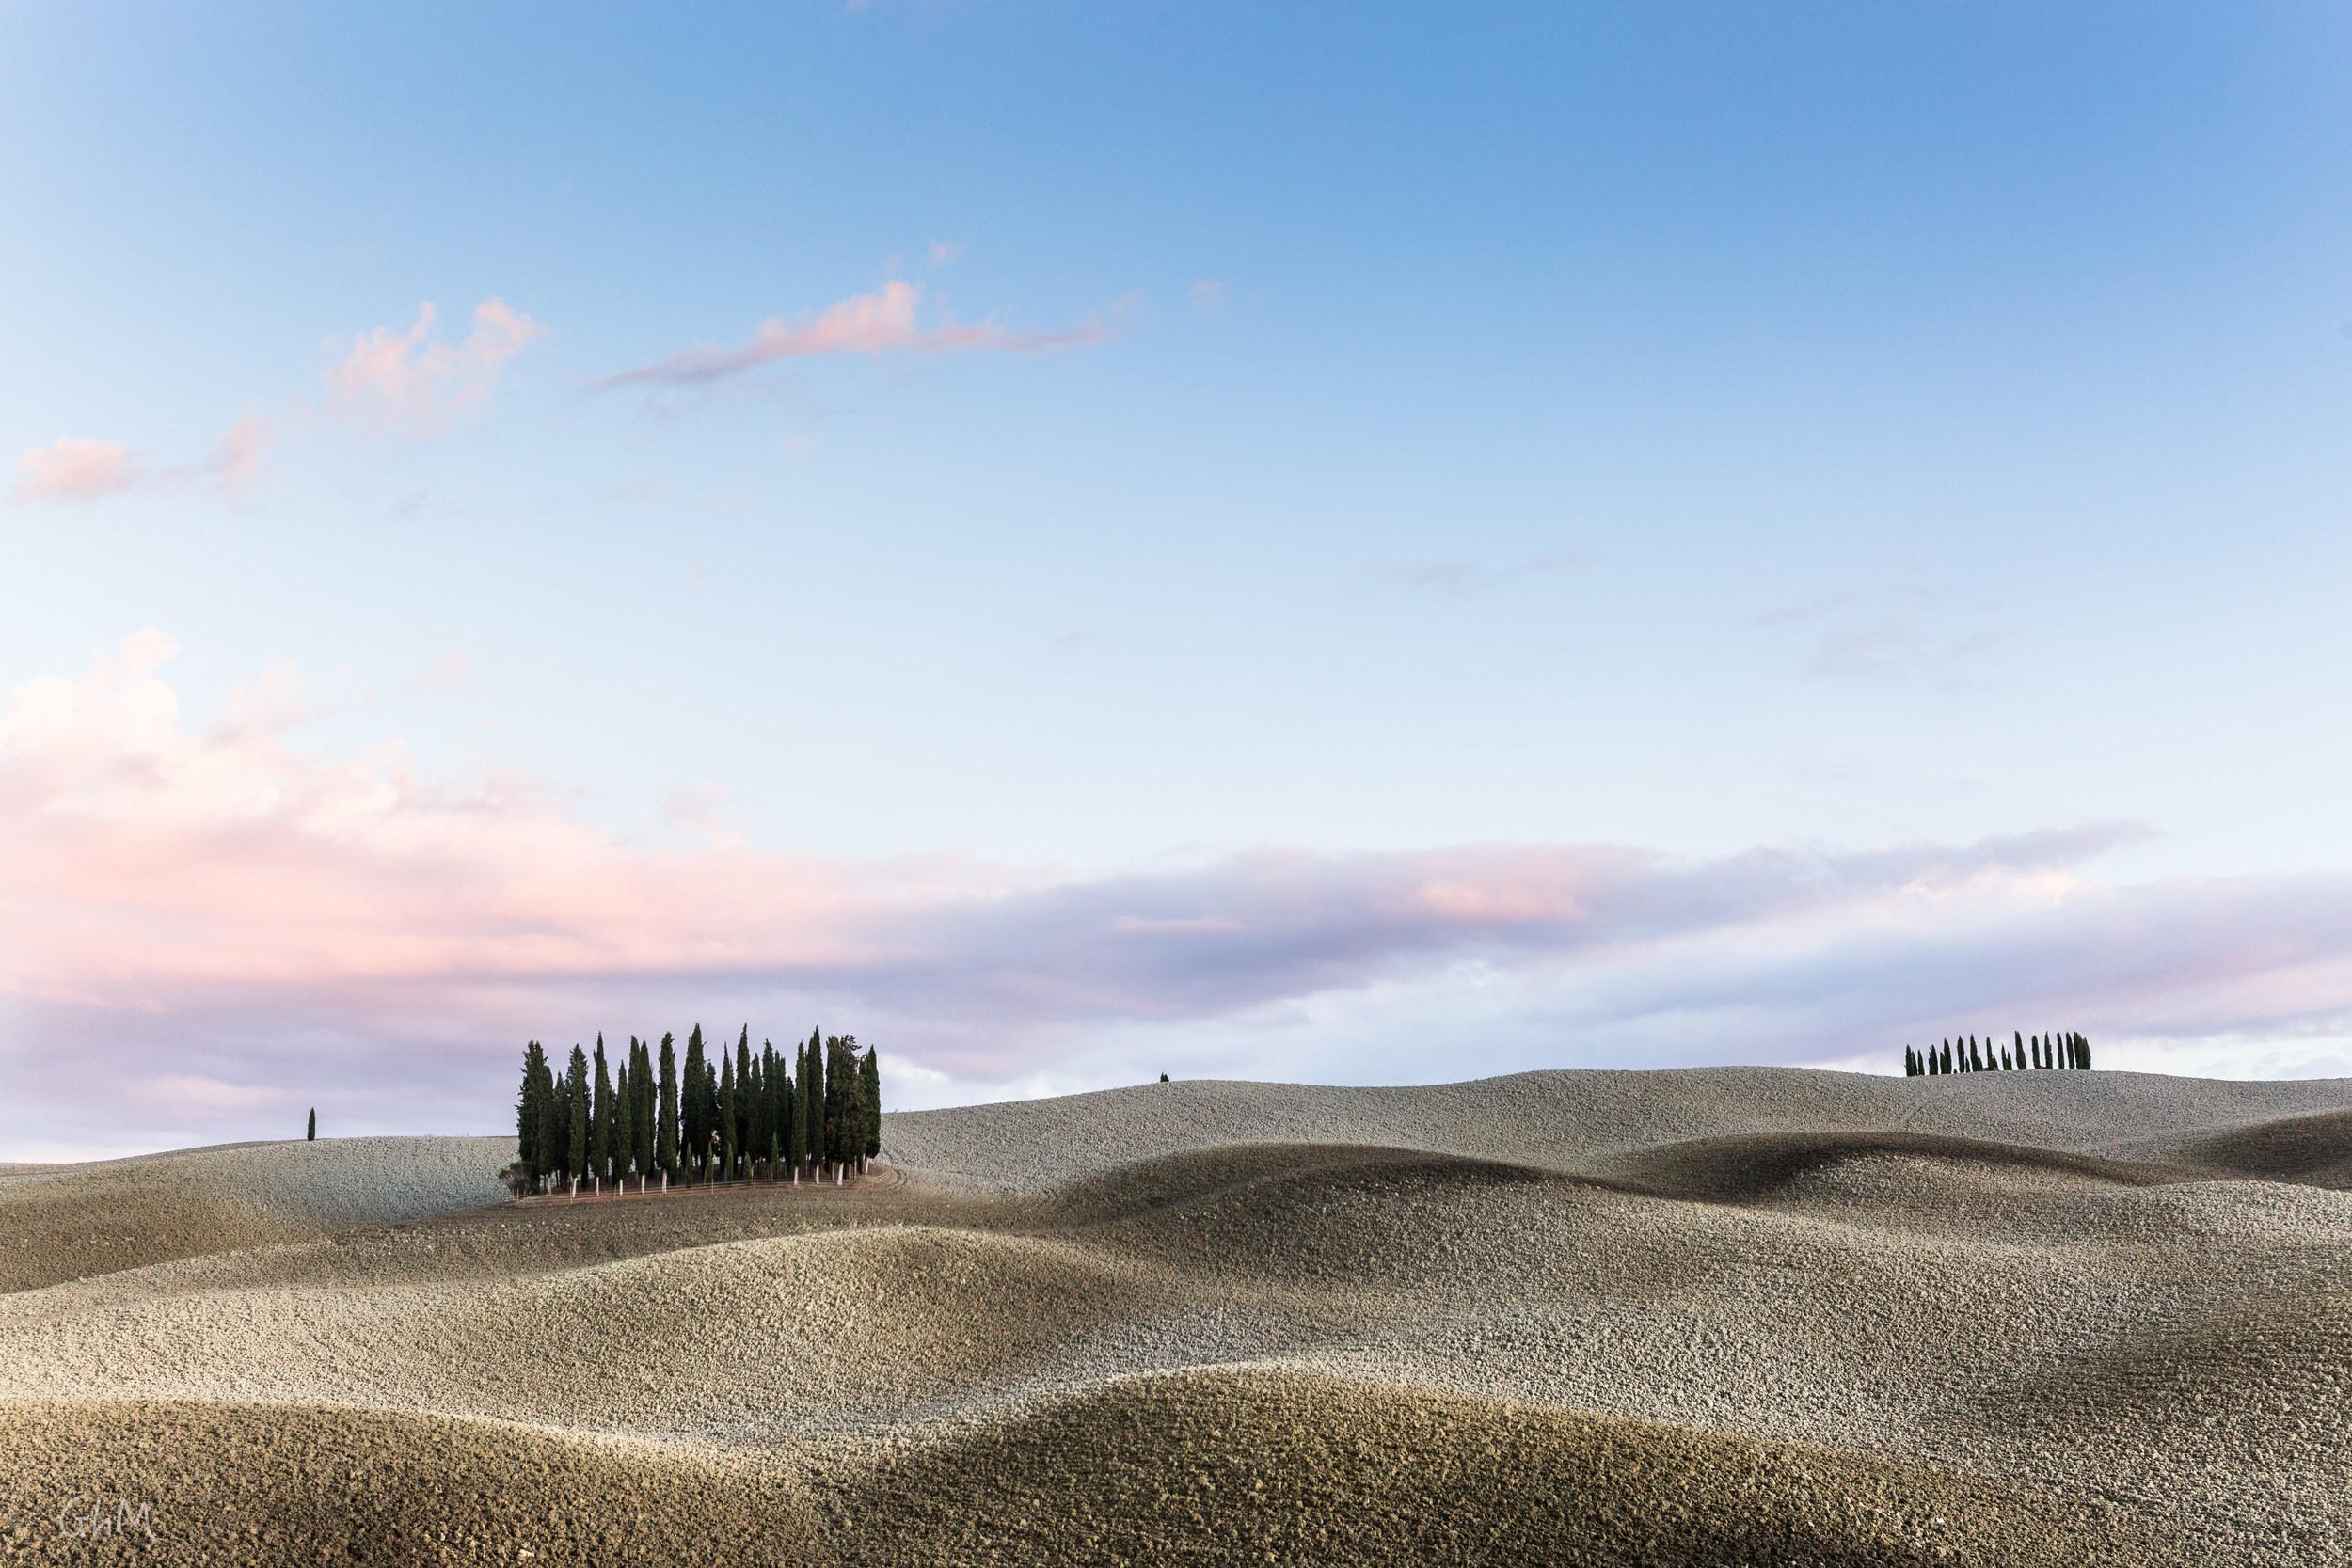 07102015-Toscane-871-HDR.jpg